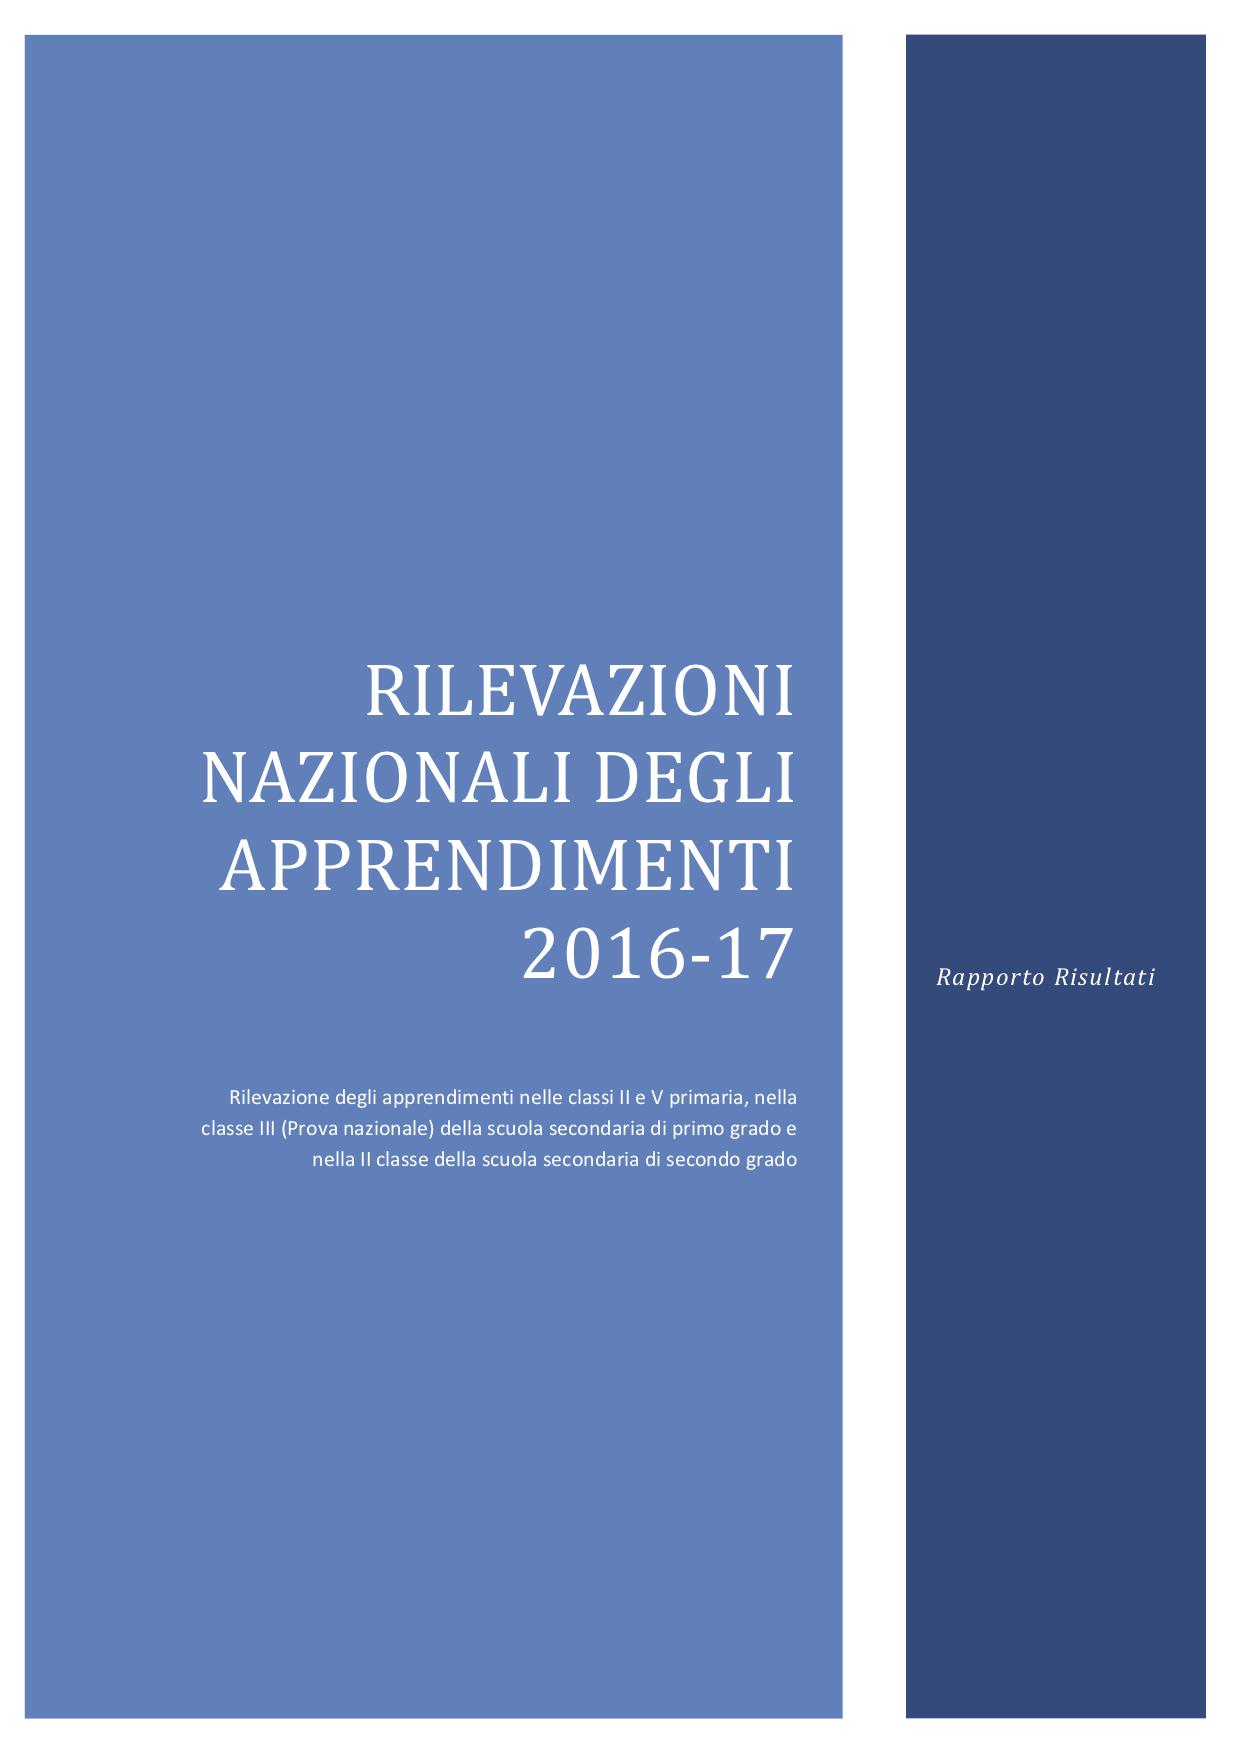 Copertina di Rapporto Prove INVALSI 2017